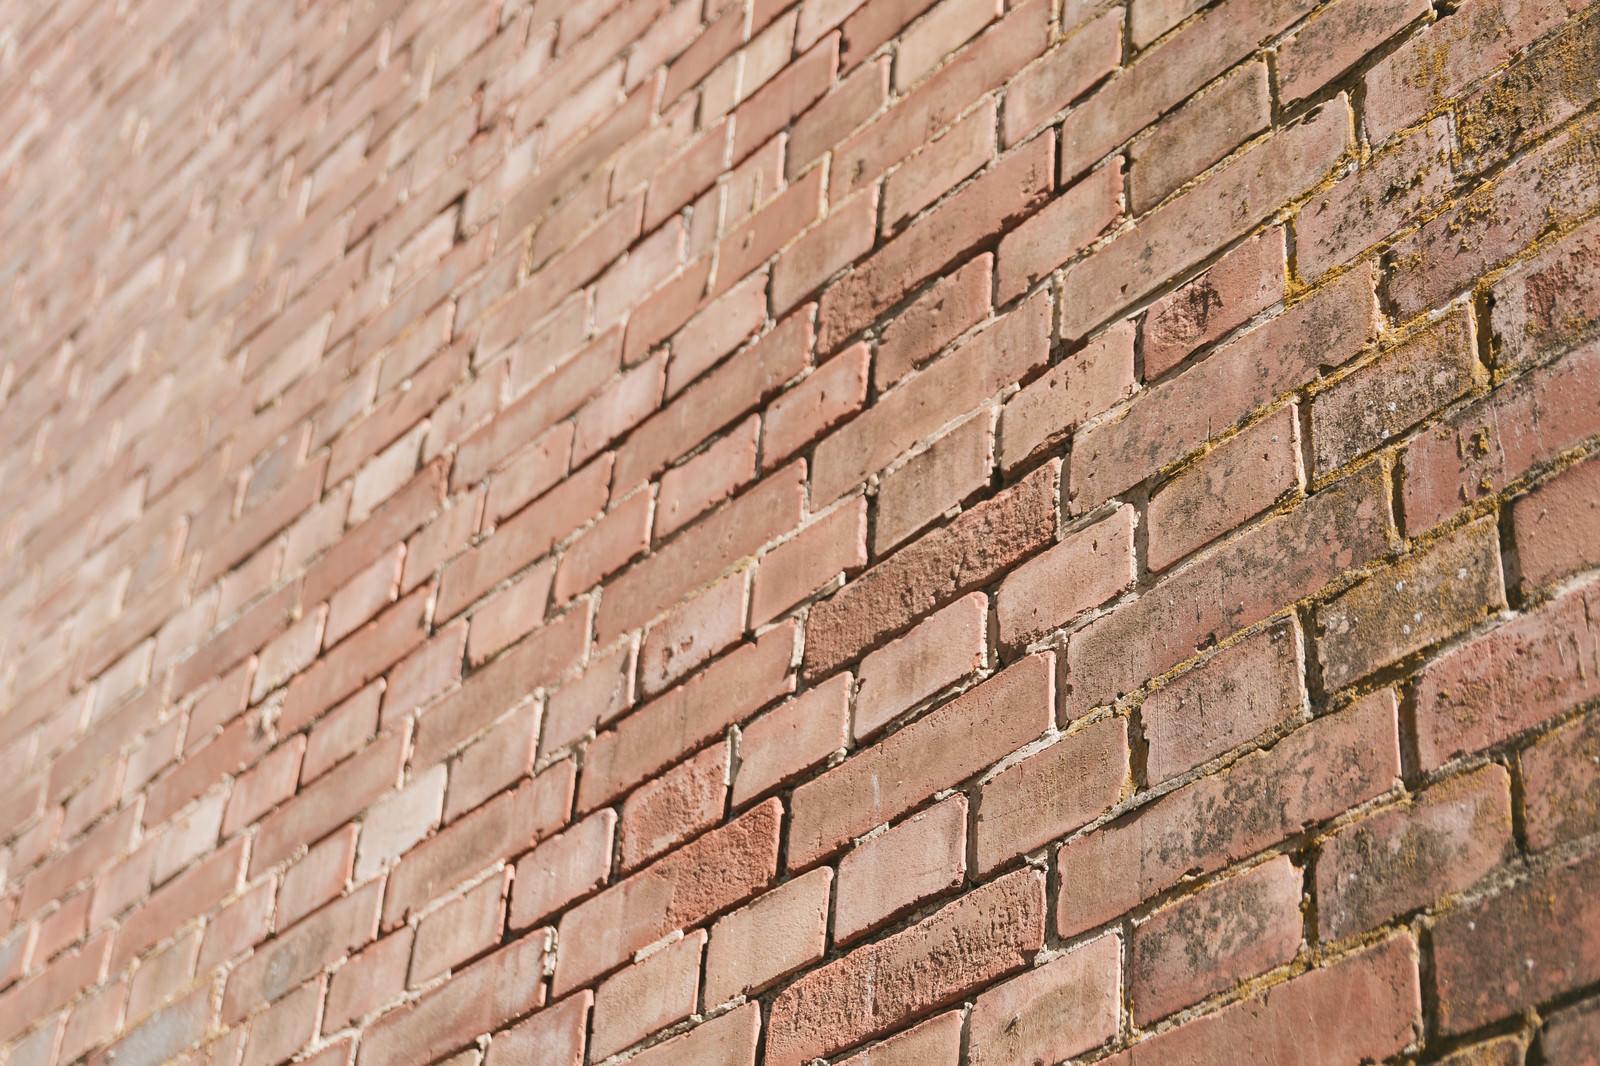 「レンガの壁レンガの壁」のフリー写真素材を拡大